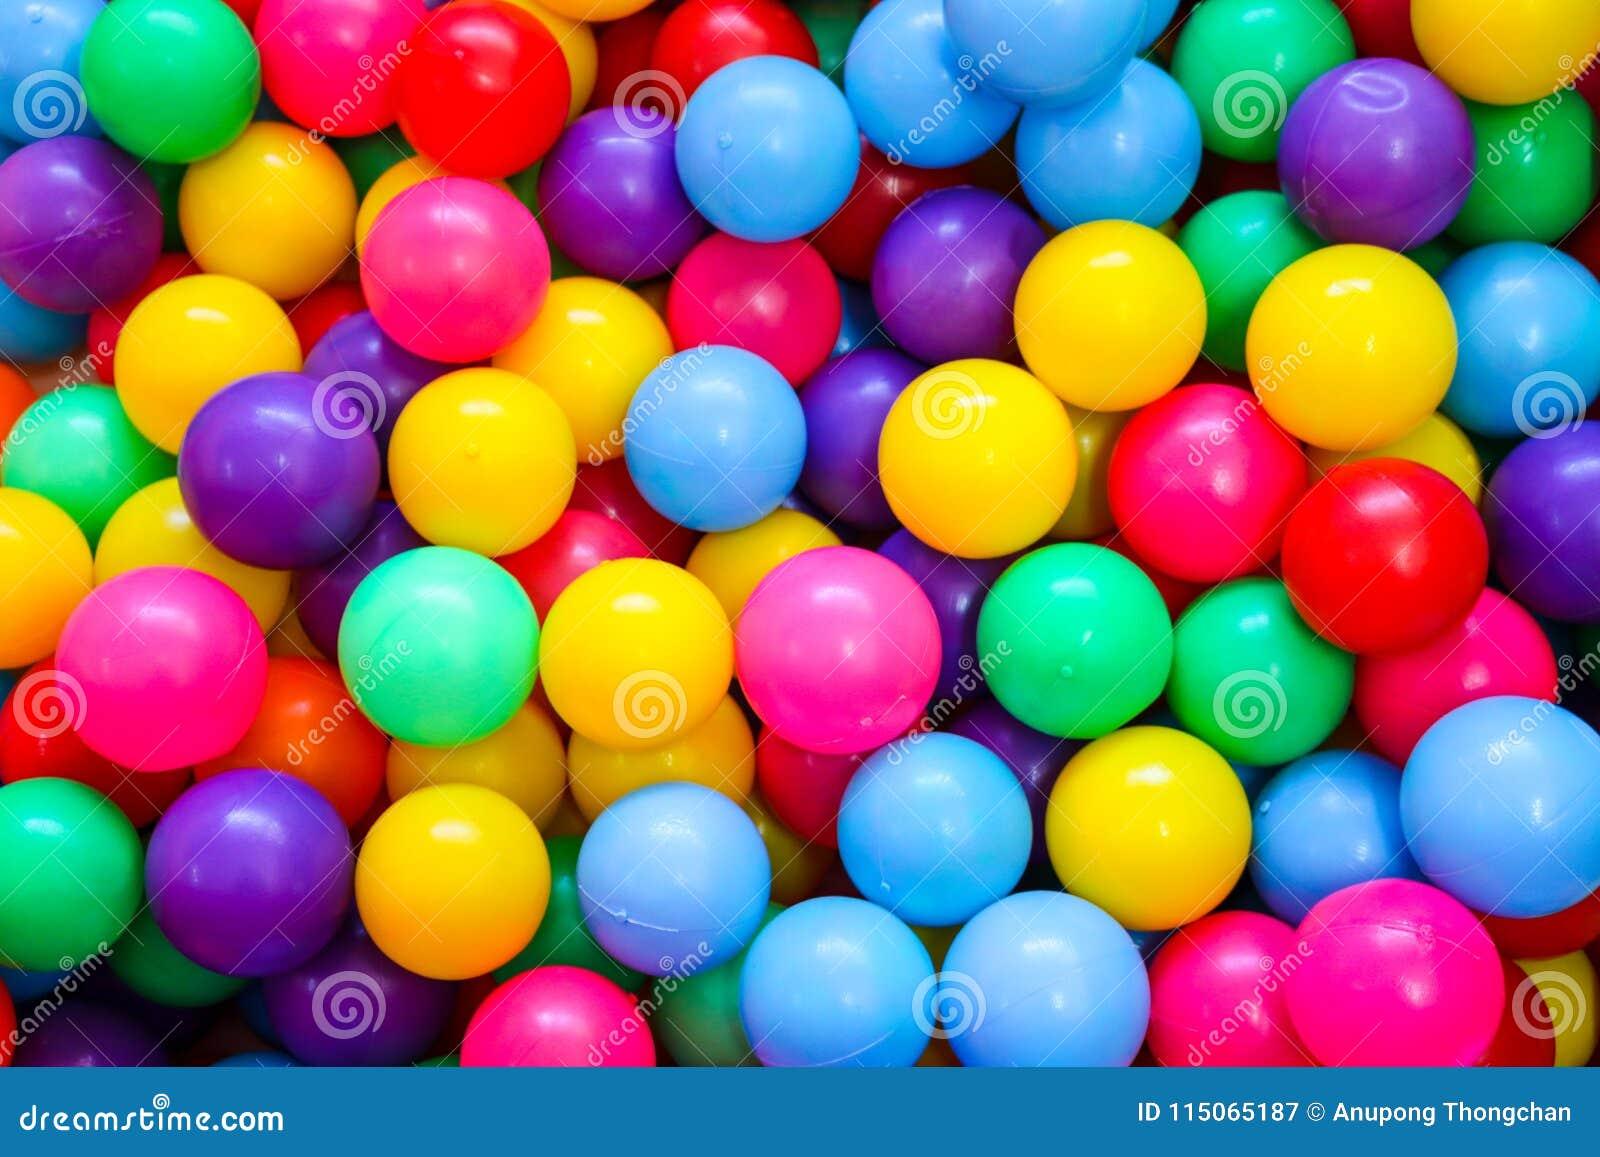 Красочные шарики для детей, который нужно сыграть